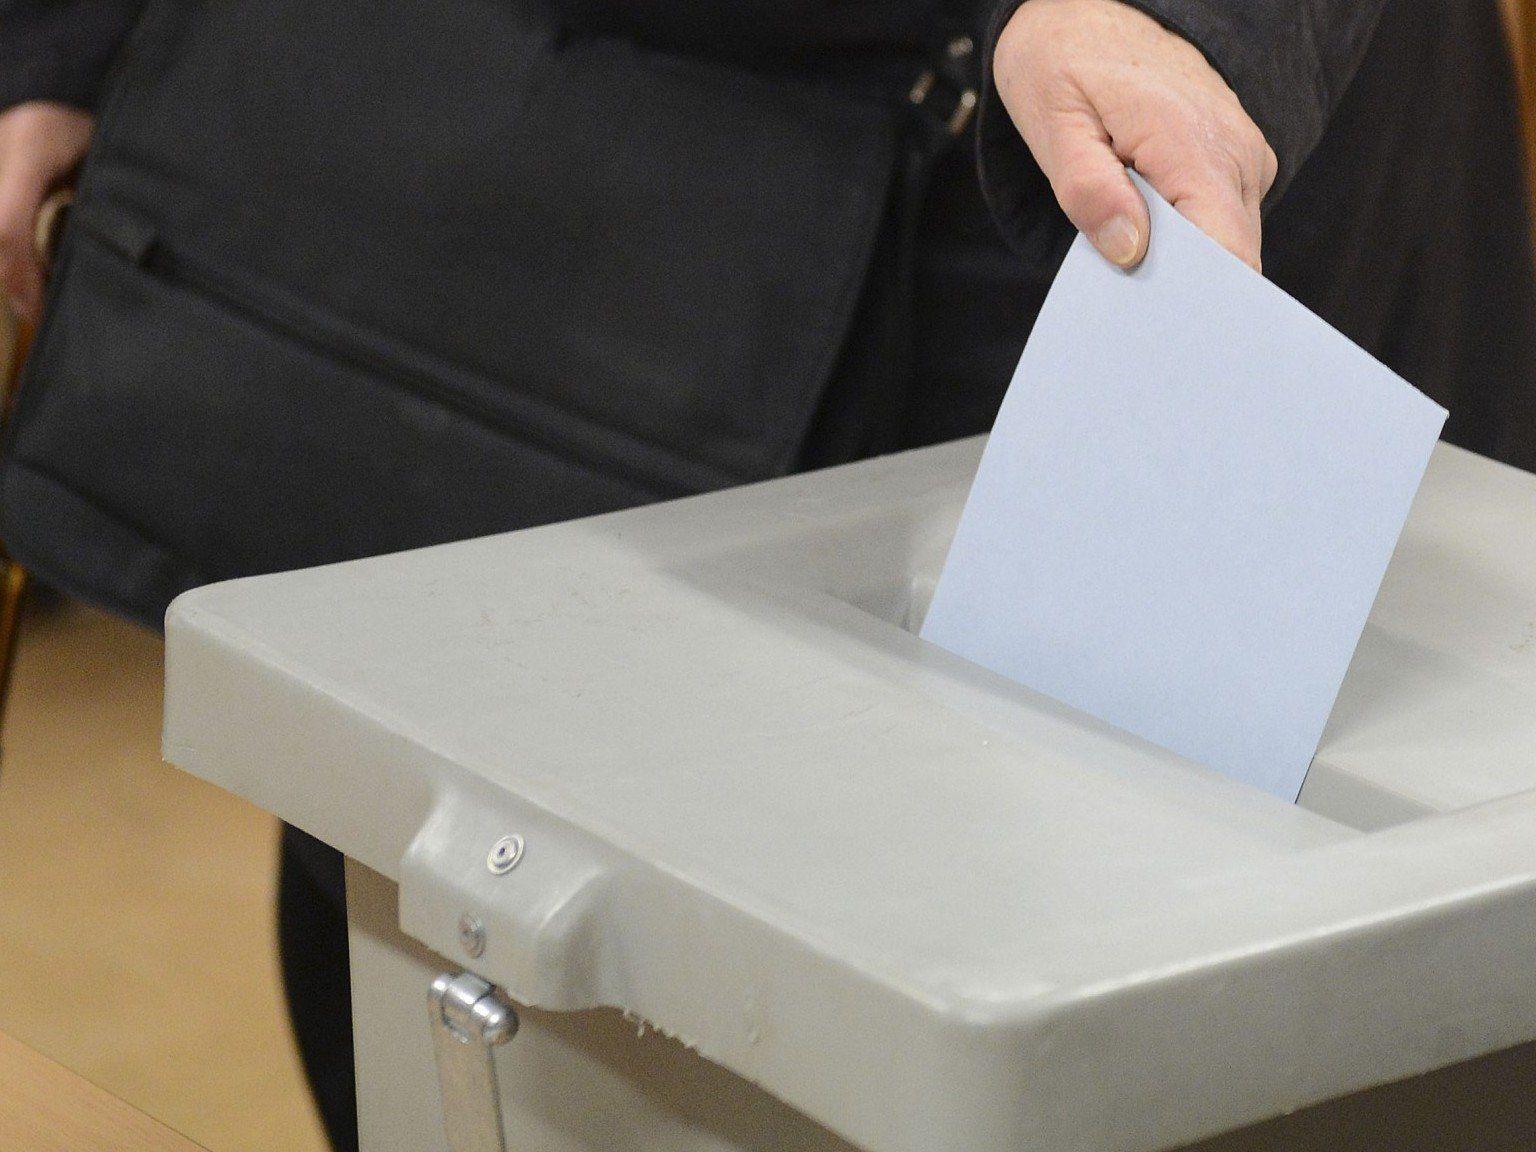 Das erste Ergebnis nach der Volksbefragung wird erst am 11. März verkündet.